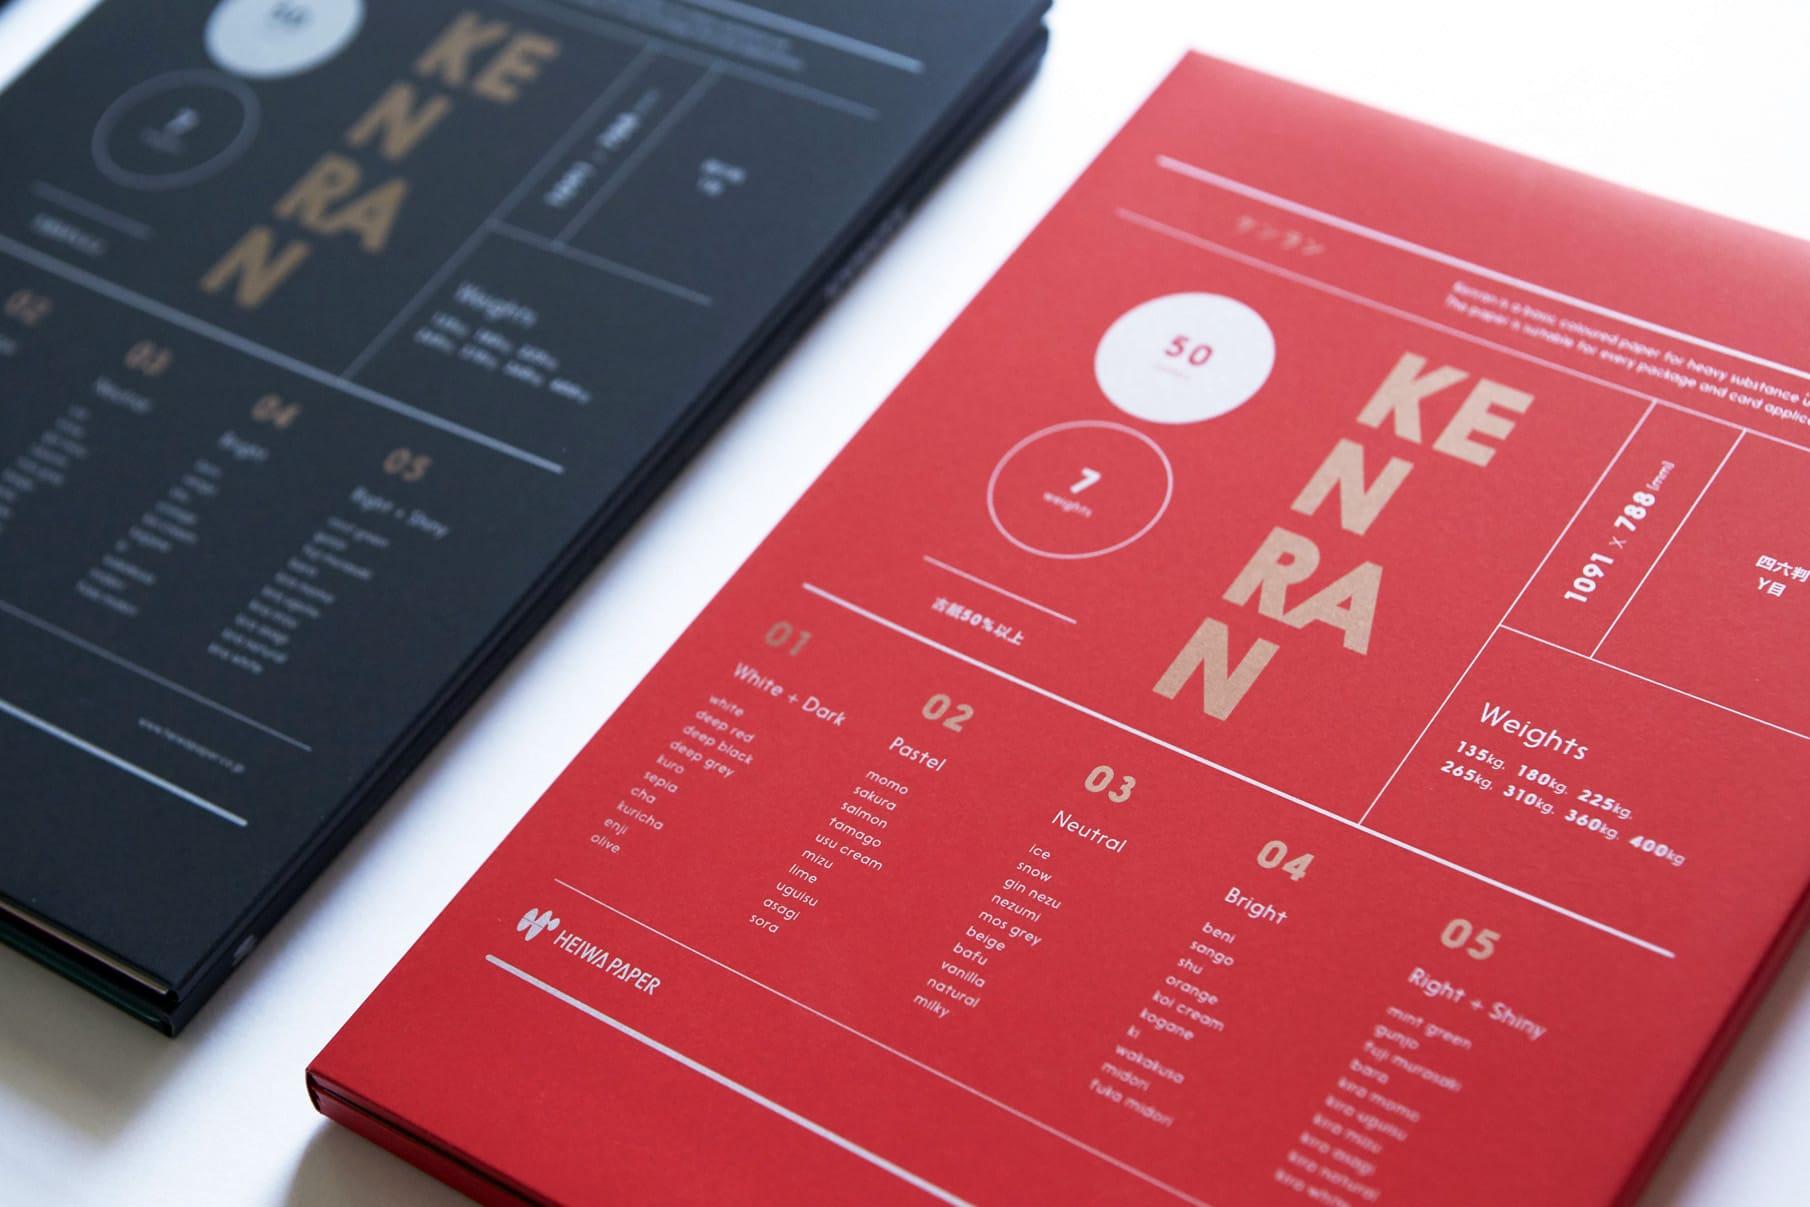 KENRAN - Promotion Book 3